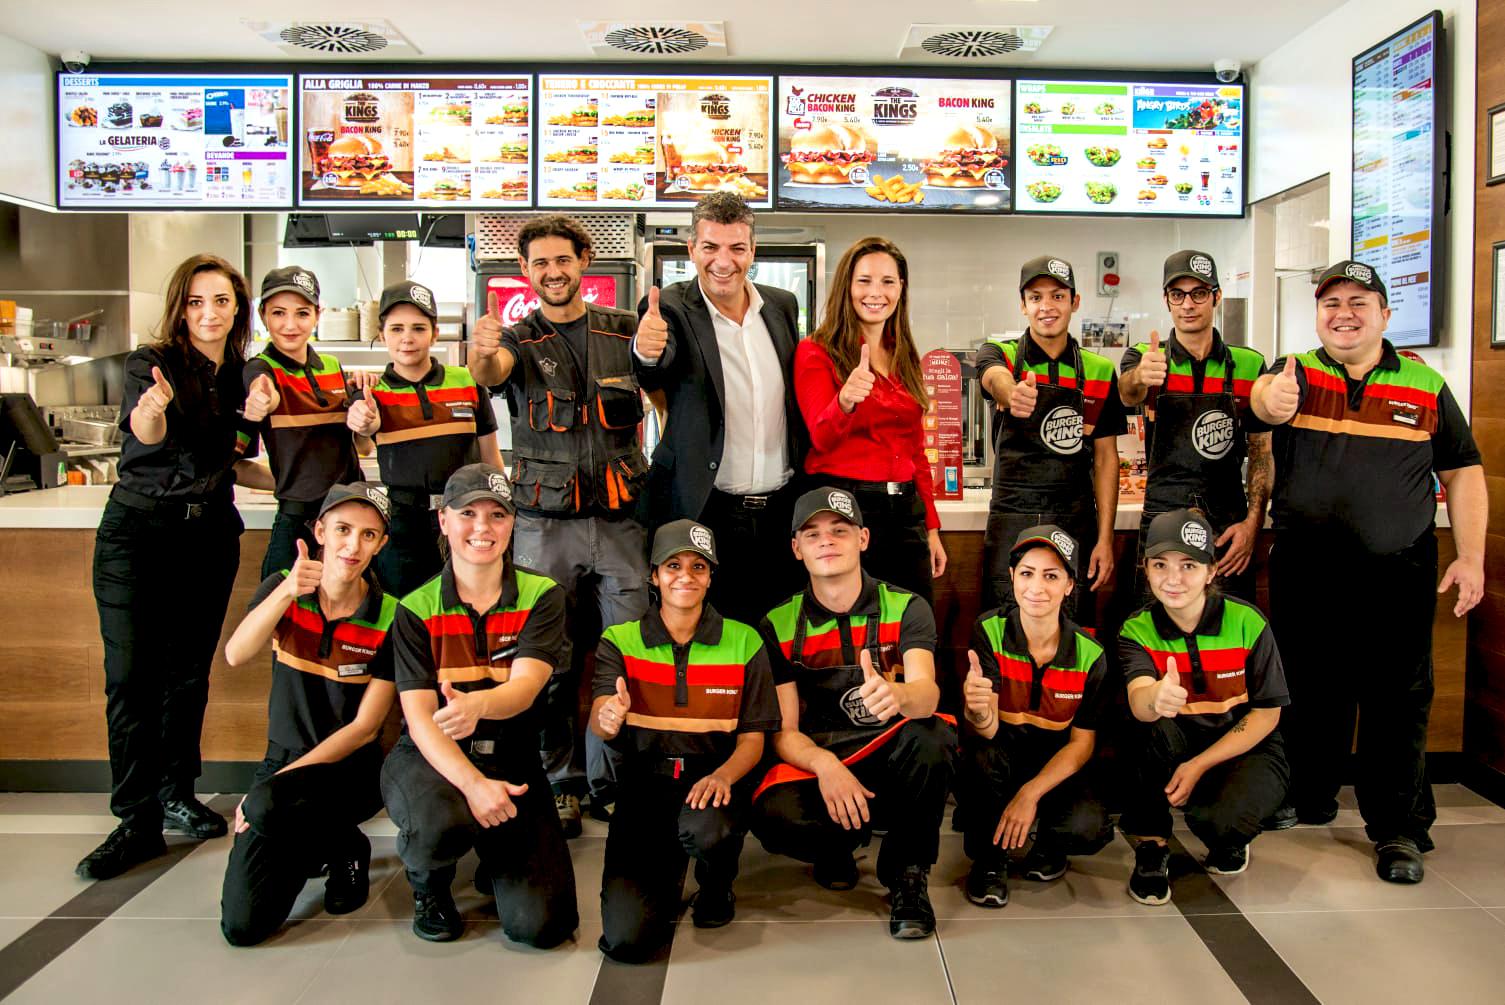 la squadra di Burger King by Arilica